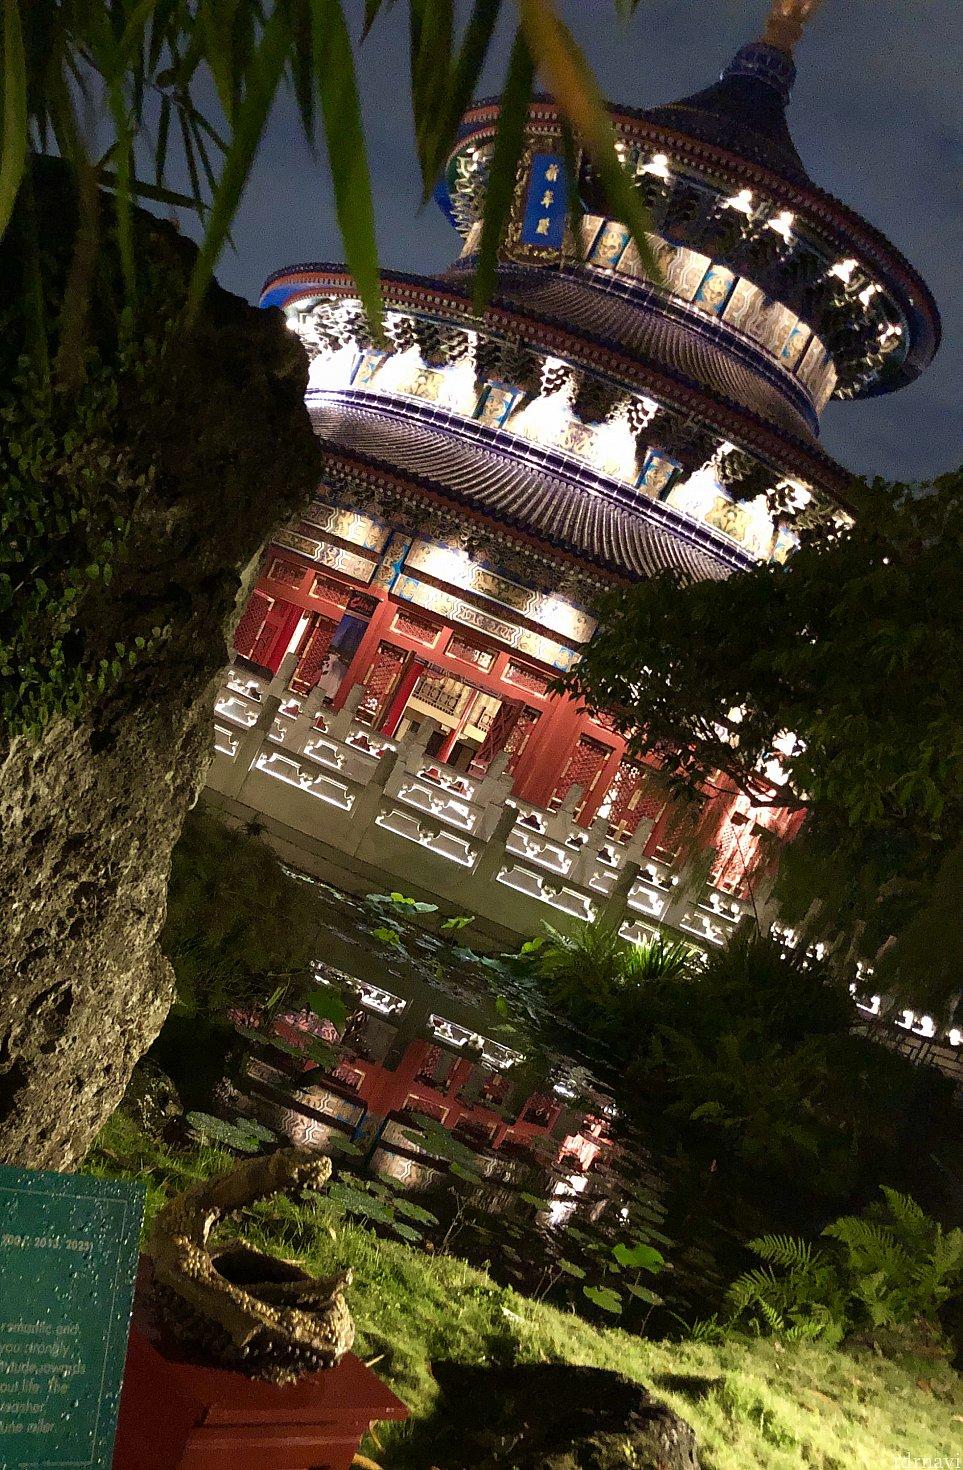 中国館には今年は干支にちなんだ植物の展示が。各国パビリオンには人があまり居ない隠れた小道などがあったりします。そんなところを毎回行く度に発見するパークです。